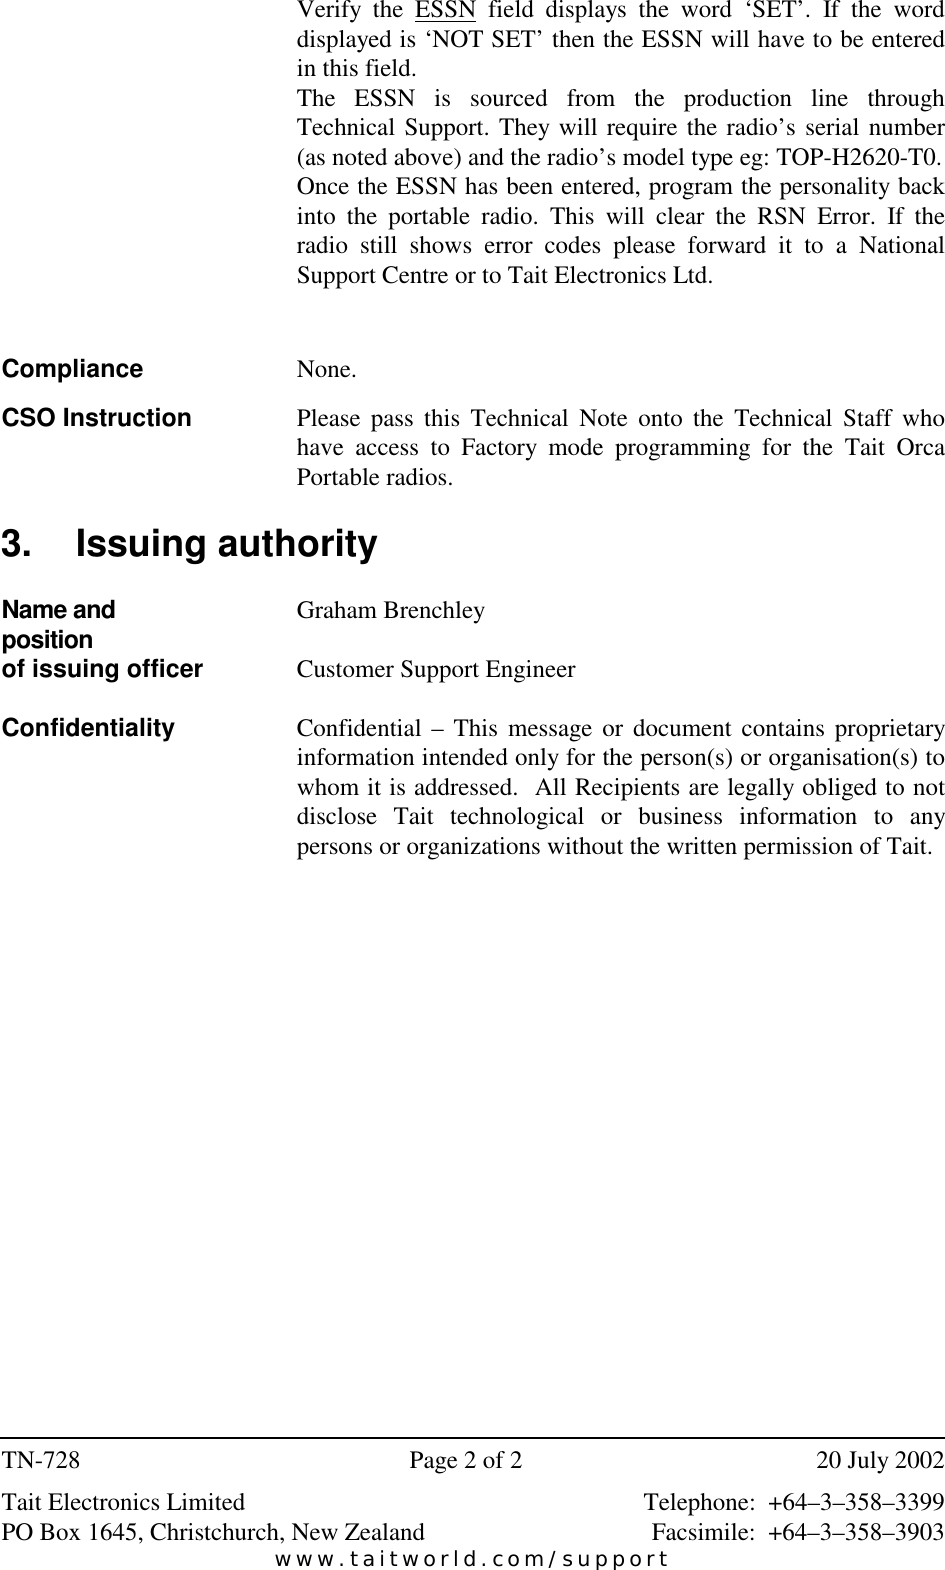 Page 2 of 2 - TECHNOTE/T5000/TN-728_ORCA RSN Error Code Fix TN-728 ORCA